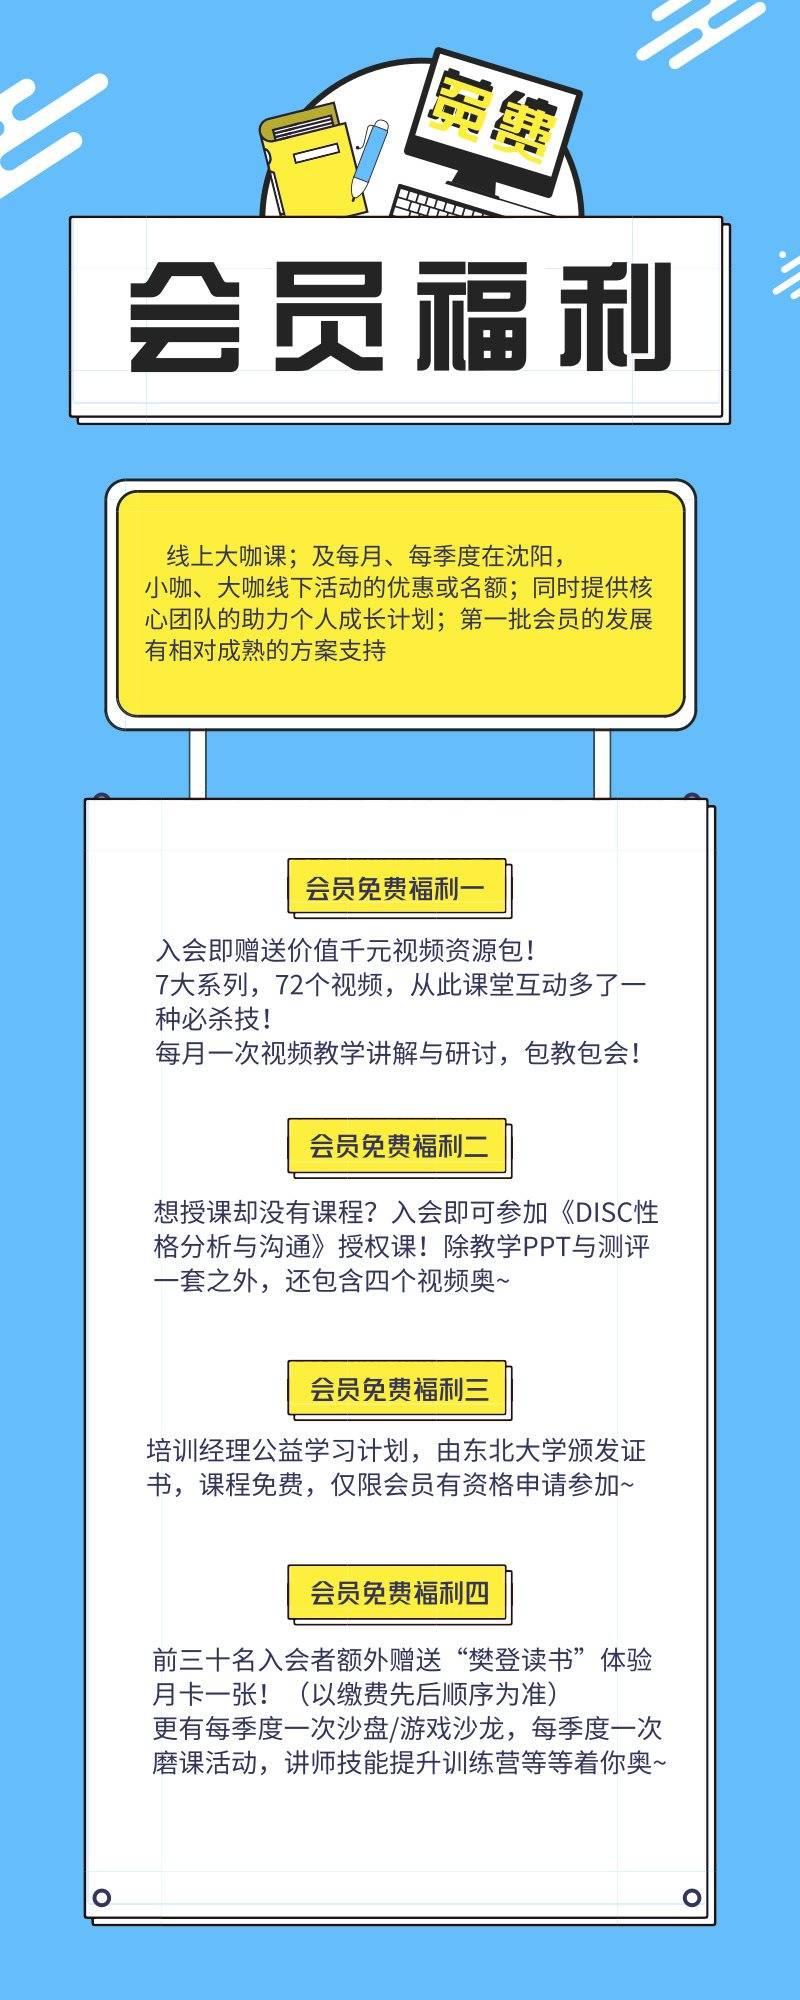 默认标题_营销长图_2019.03.14 (1).jpg